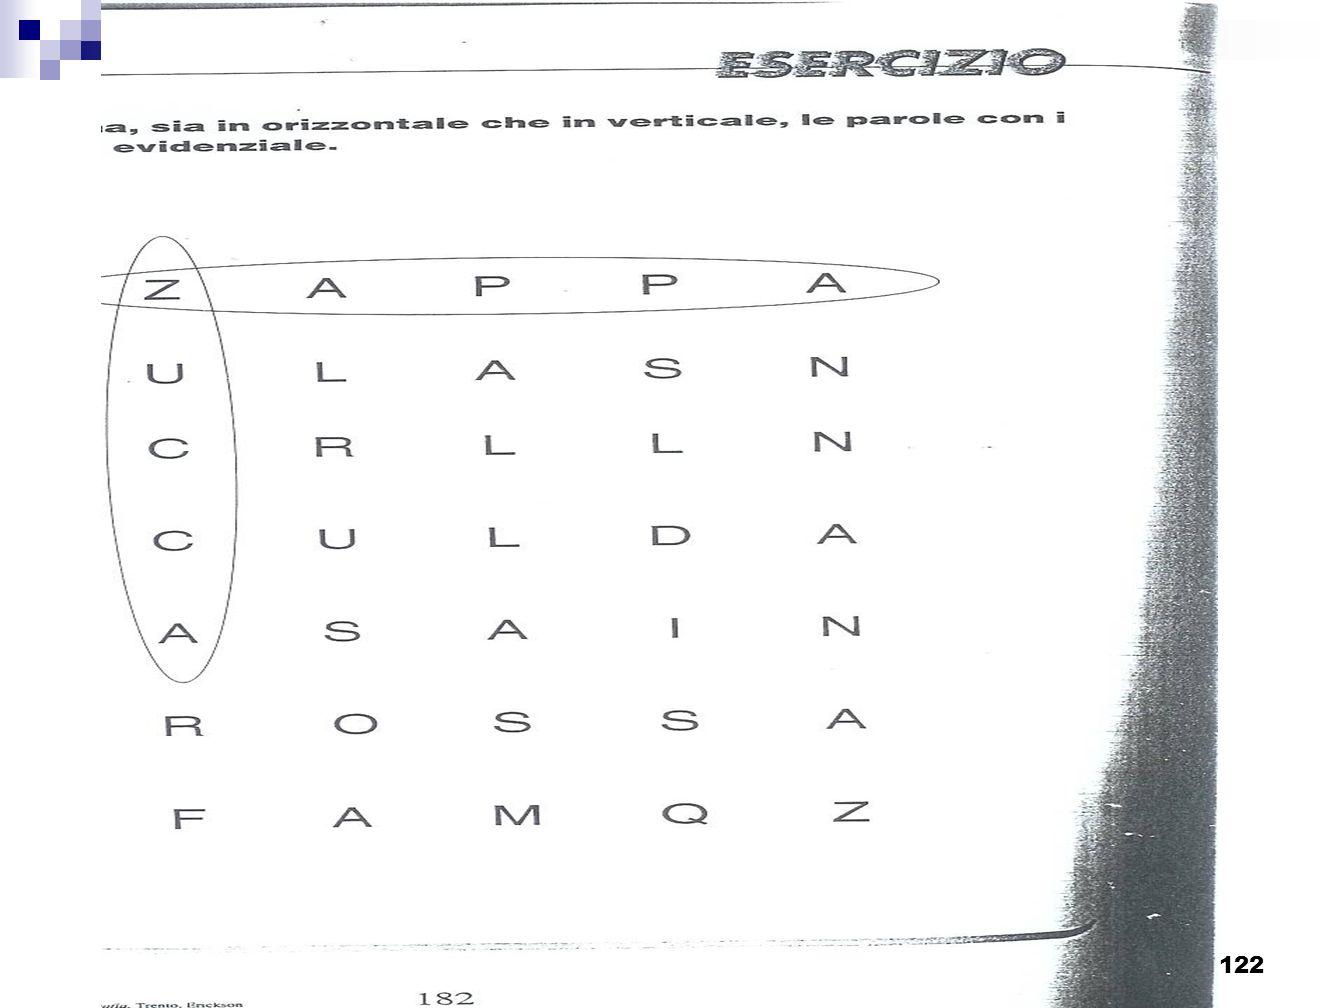 Progetto Screening I elementare - Sassuolo_122